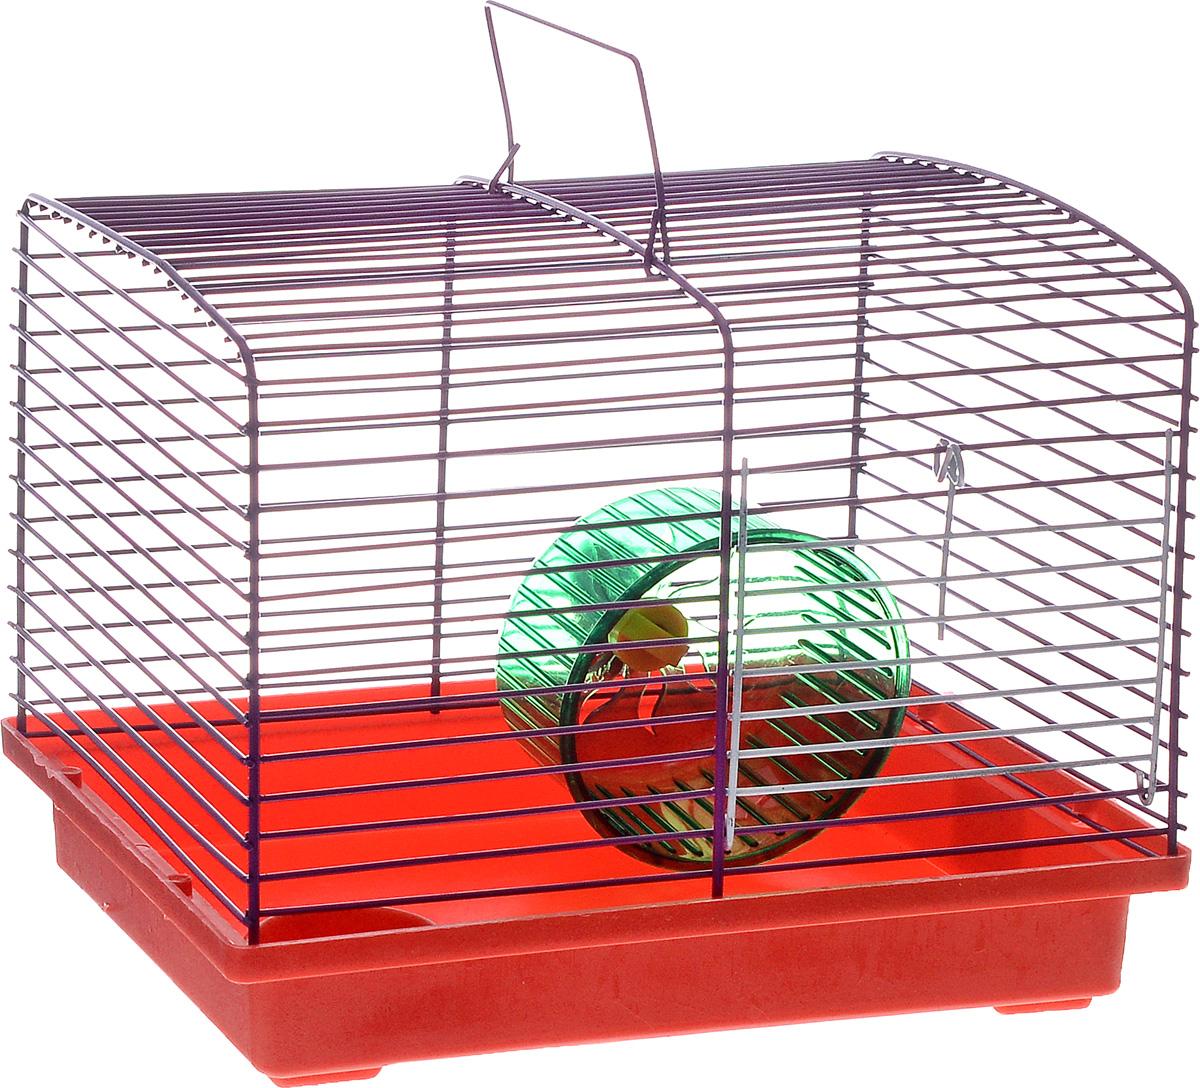 Клетка для хомяка ЗооМарк, с колесом и миской, цвет: красный поддон, фиолетовая решетка, 23 х 18 х 18,5 см511КФКлетка ЗооМарк, выполненная из пластика и металла, подходит для джунгарского хомячка и других мелких грызунов. Она оборудована колесом для подвижных игр и миской. Клетка имеет яркий поддон, удобна в использовании и легко чистится. Такая клетка станет уединенным личным пространством и уютным домиком для маленького грызуна.